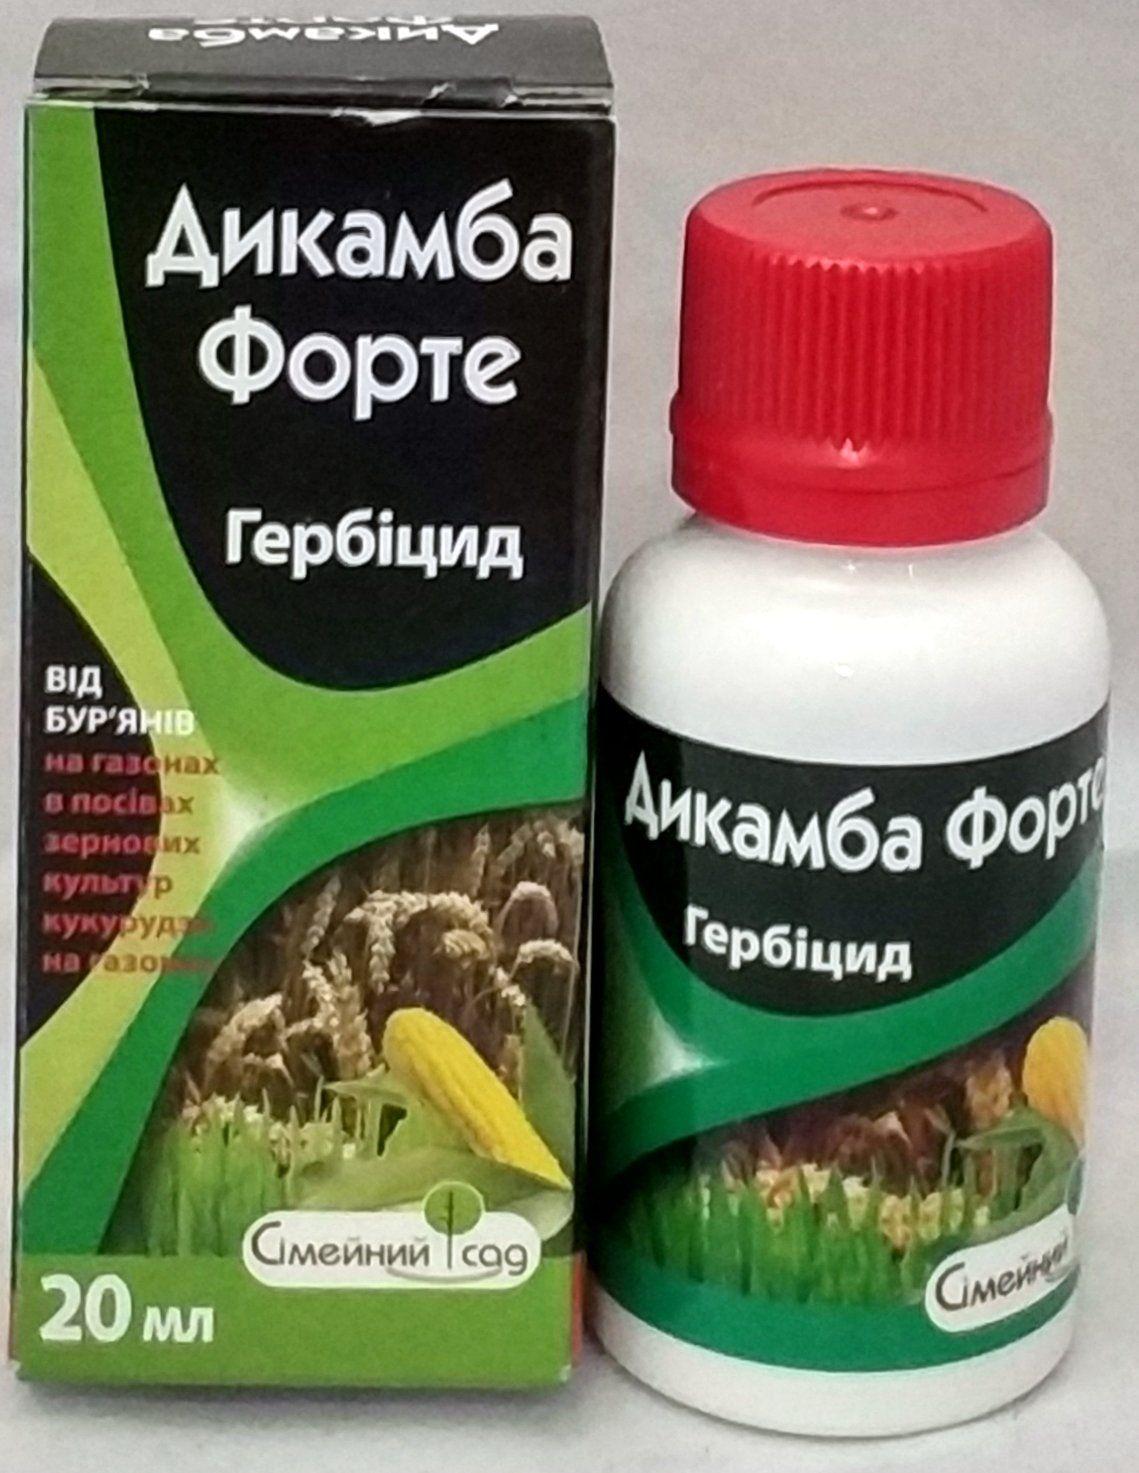 Стомп: инструкция по применению гербицида и состав, дозировка и аналоги